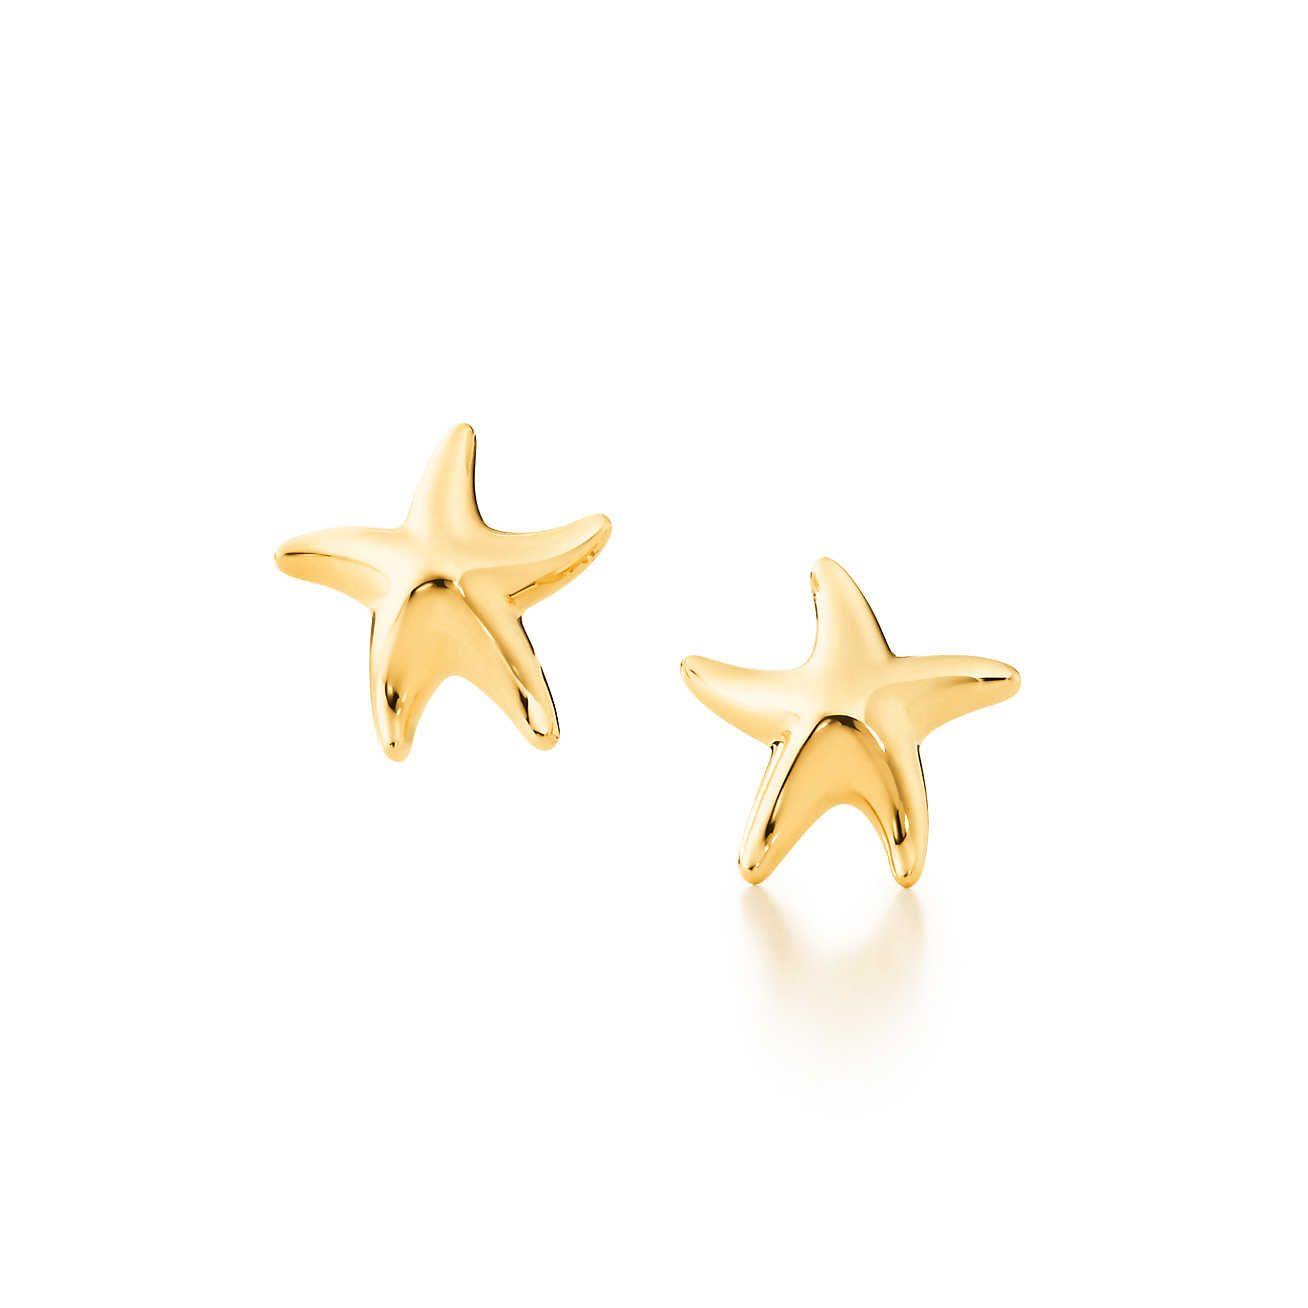 Elsa Peretti Starfish Earrings Starfish earrings Elsa peretti